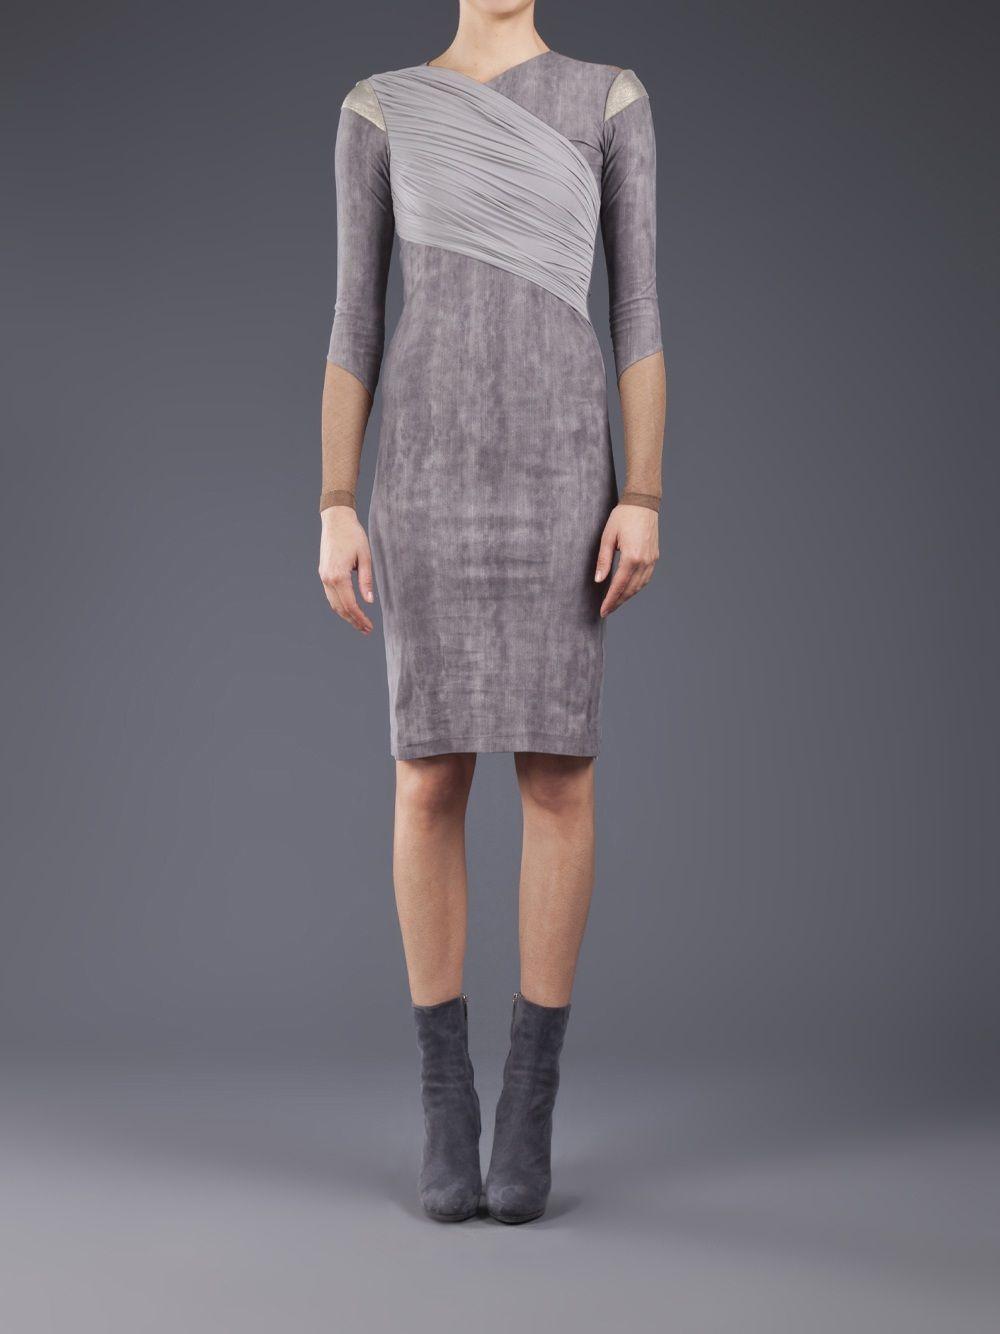 Vpl Peveration Dress - Elizabeth Charles - farfetch.fr   - LIKE ...